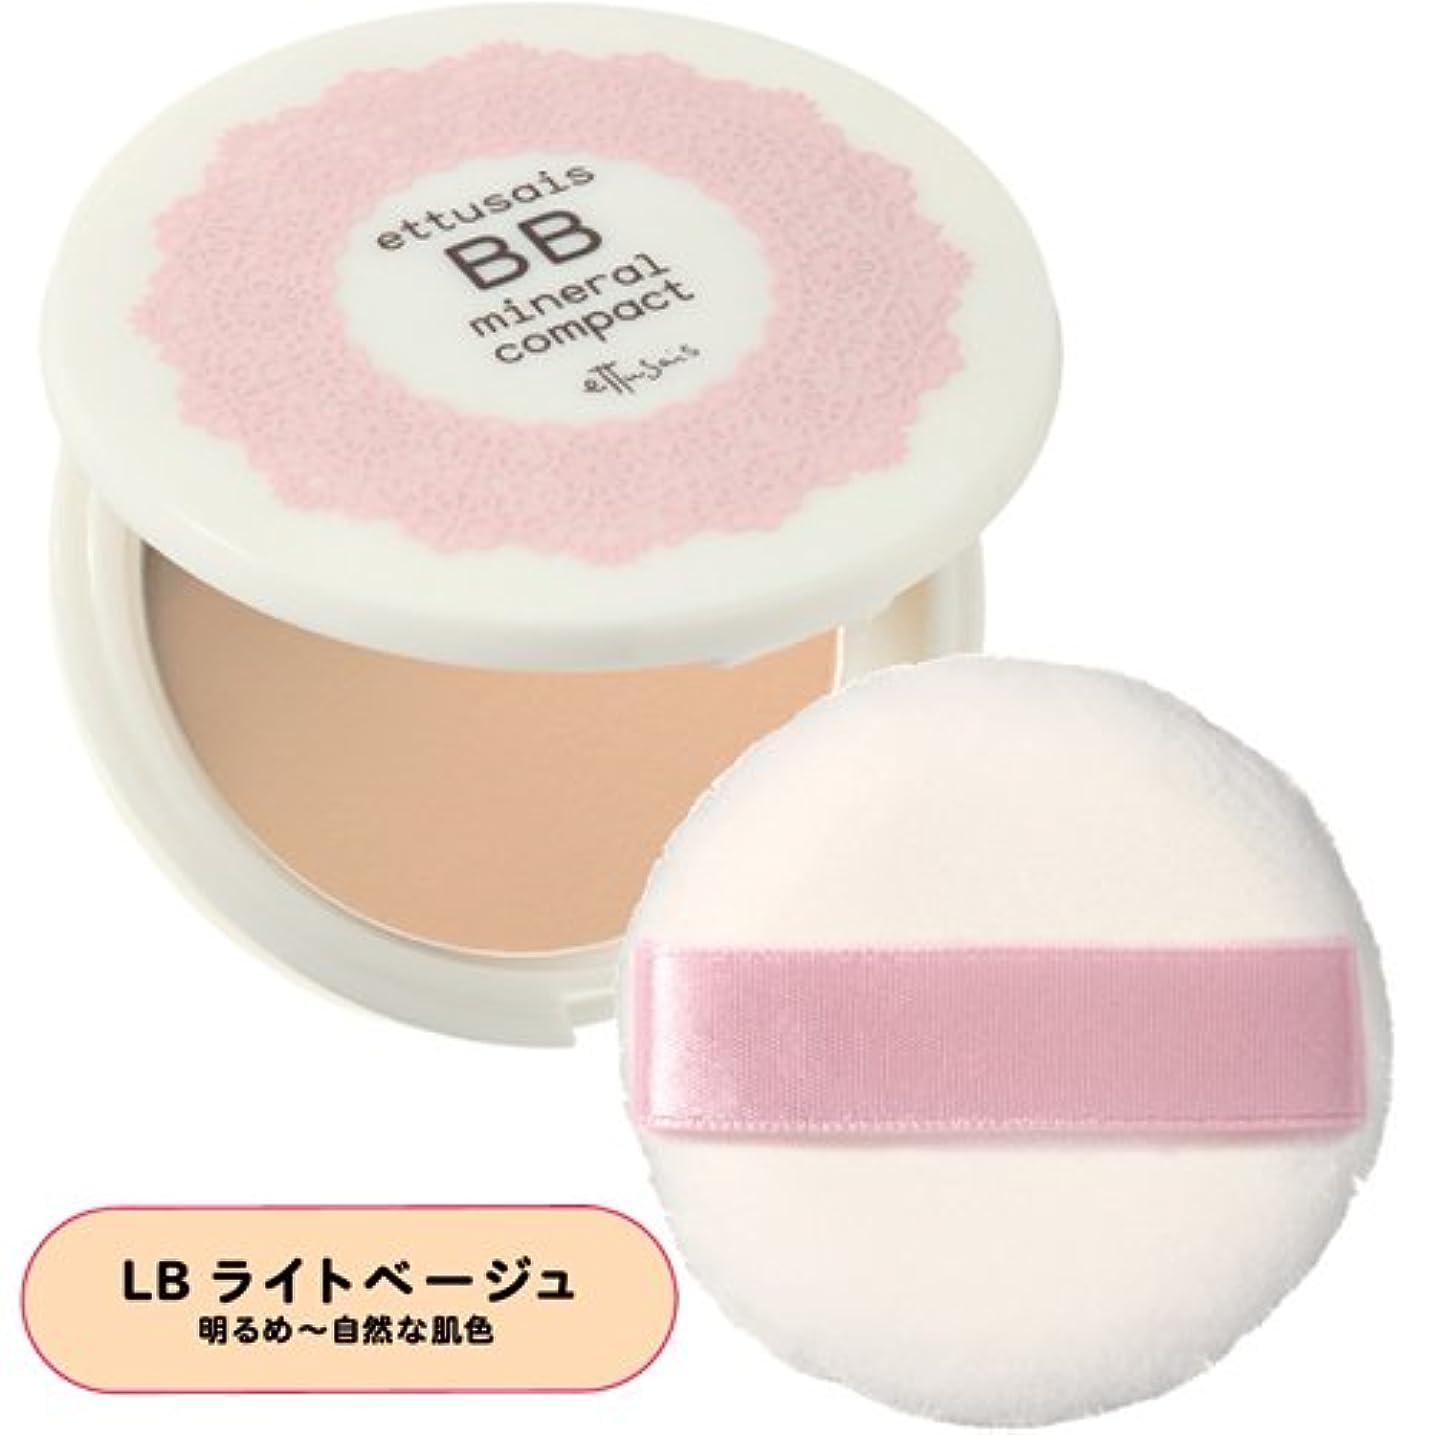 縫い目パキスタンカートリッジエテュセ BBミネラルコンパクト LB(ライトベージュ) SPF25?PA++ 7g